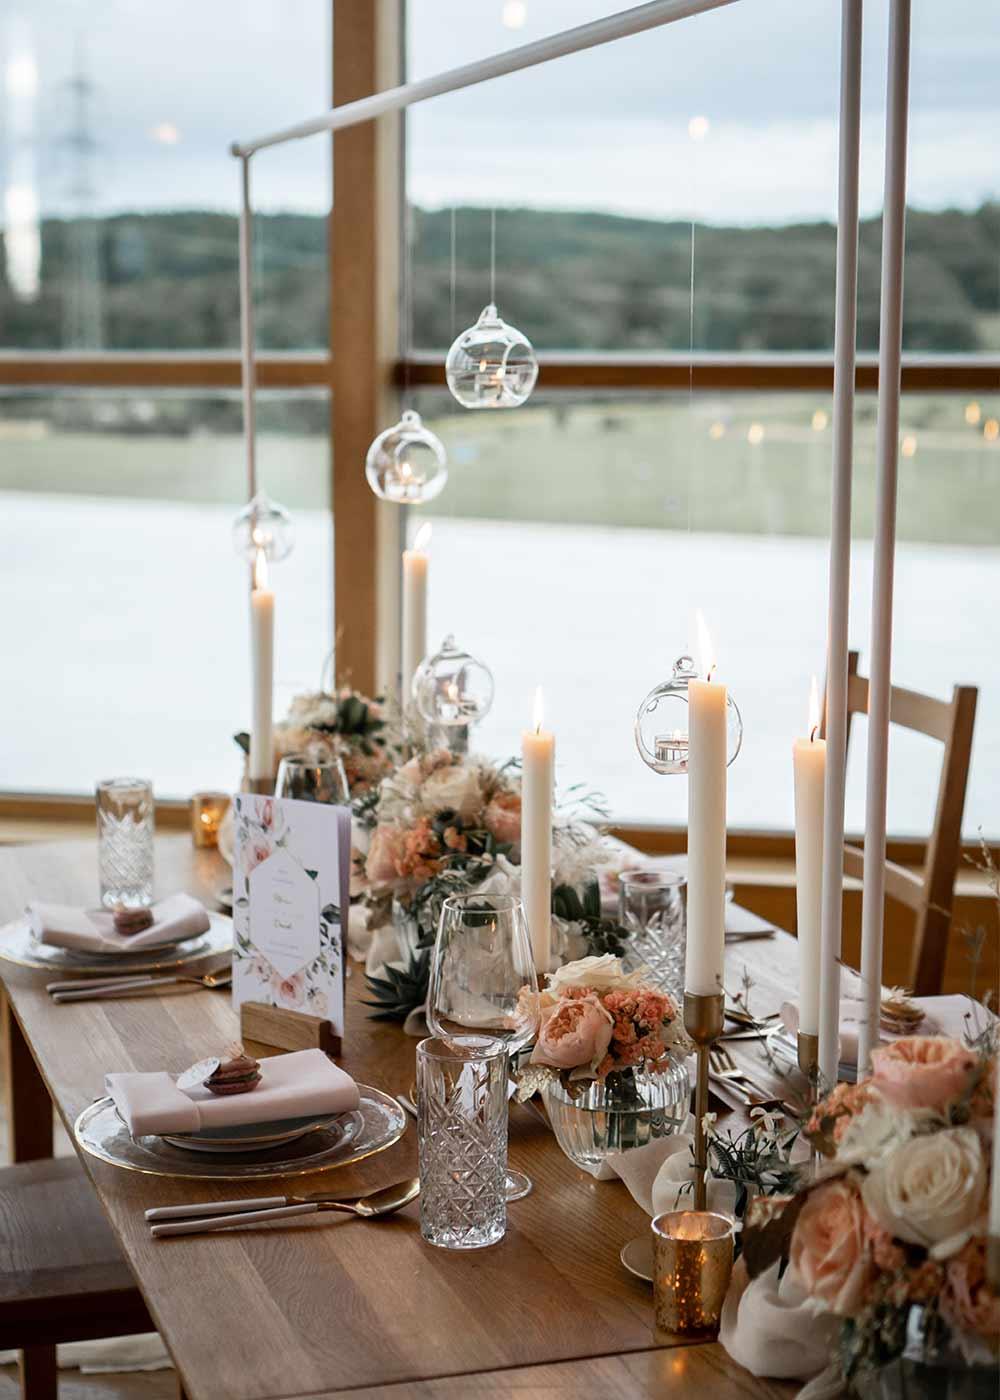 Hochzeitstafel aus Holz dekoriert mit Kerzen in Weiß und sanften Blumen.